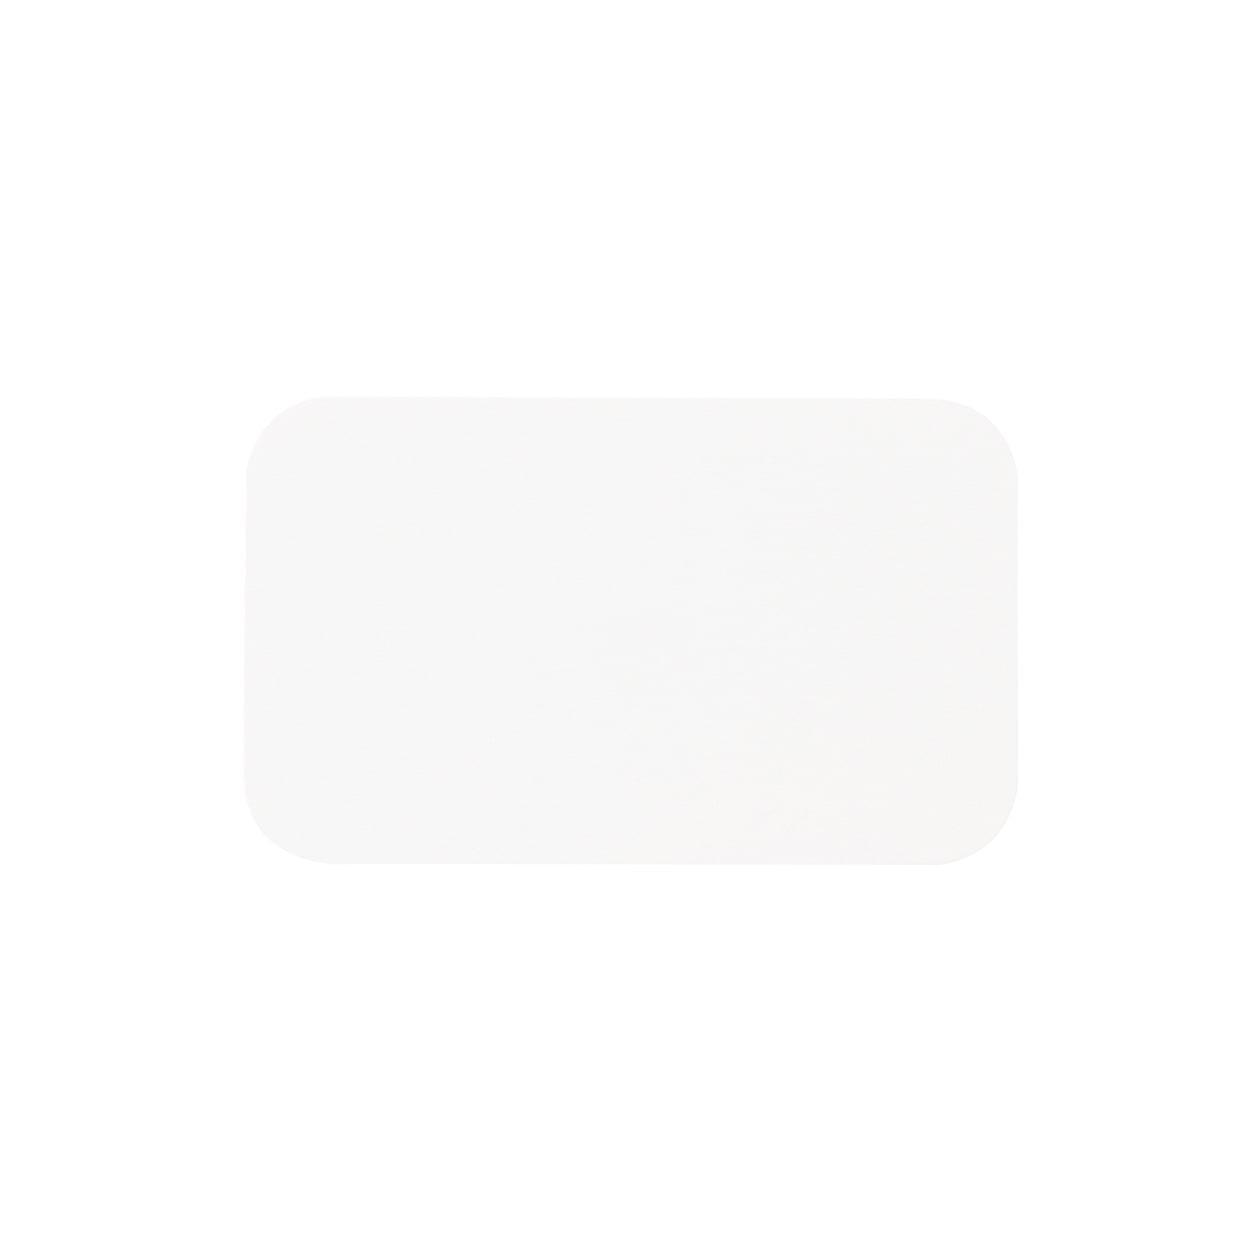 ネームカードR コットン スノーホワイト 232.8g